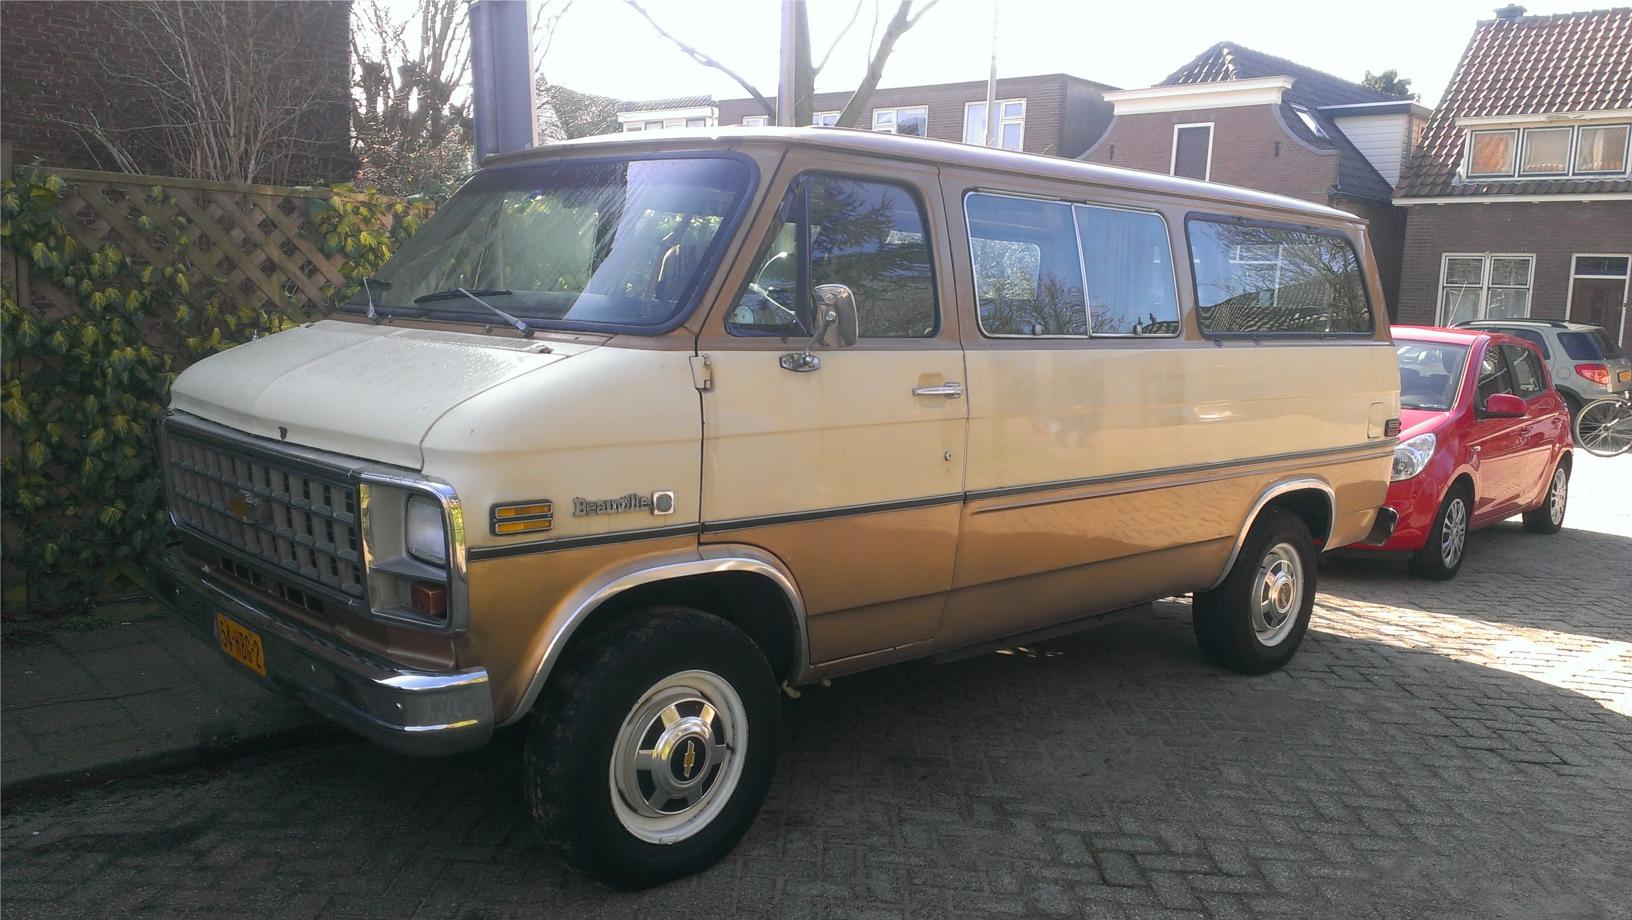 Chevrolet Sportvan Beauville on 1989 Dodge Ram Van